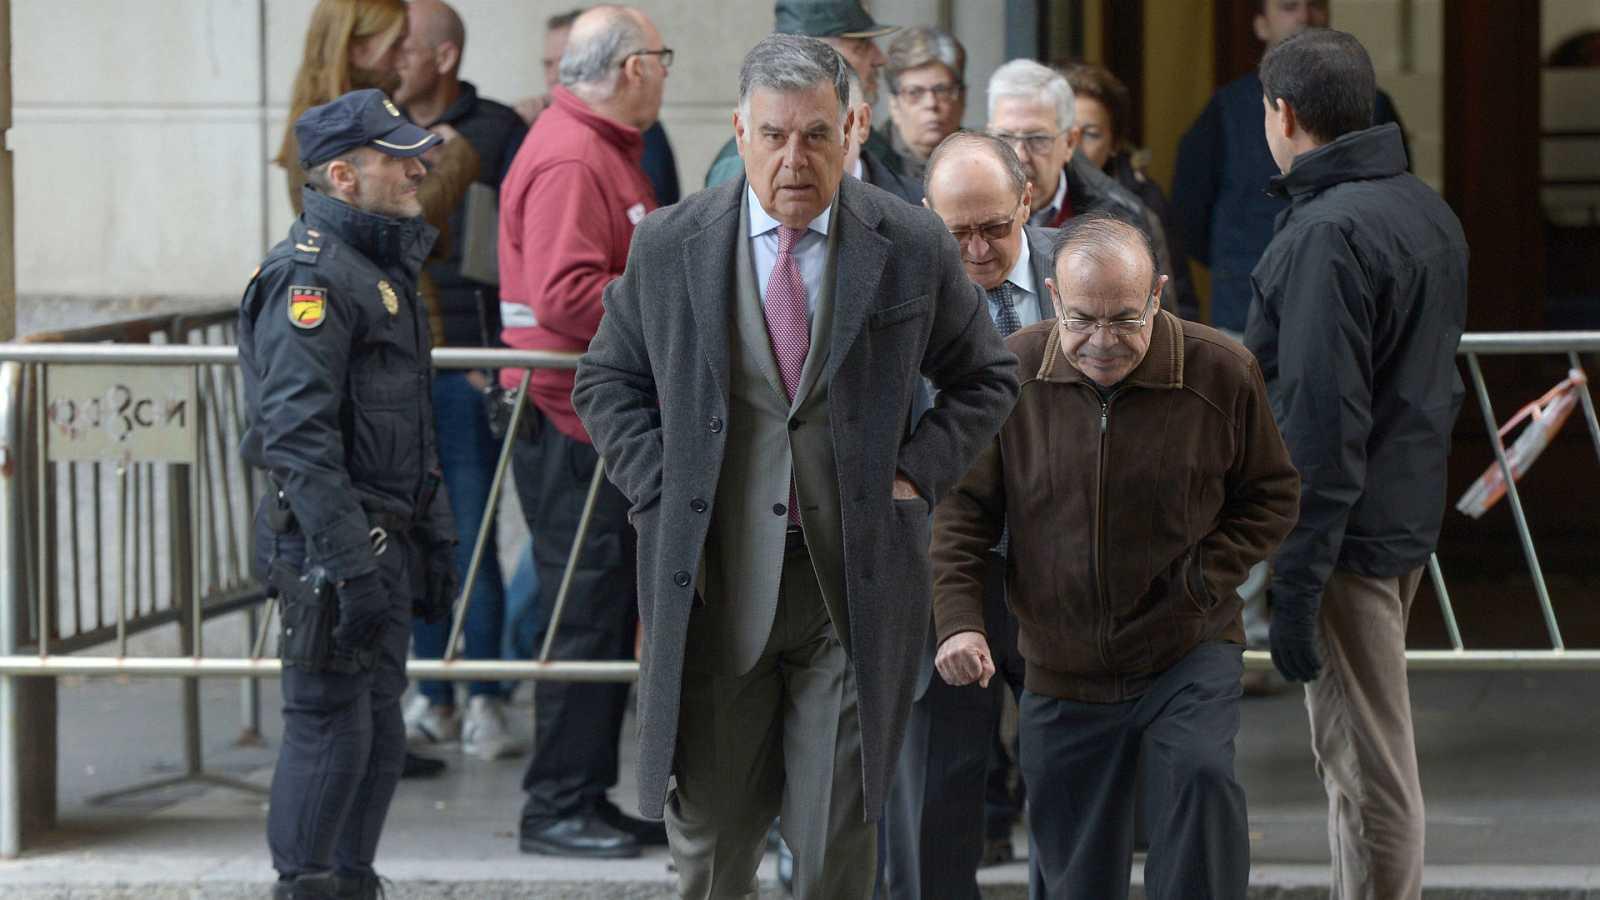 14 horas - La Fiscalía pide el ingreso en prisión de cuatro de los condenados por los ERE - Escuchar ahora